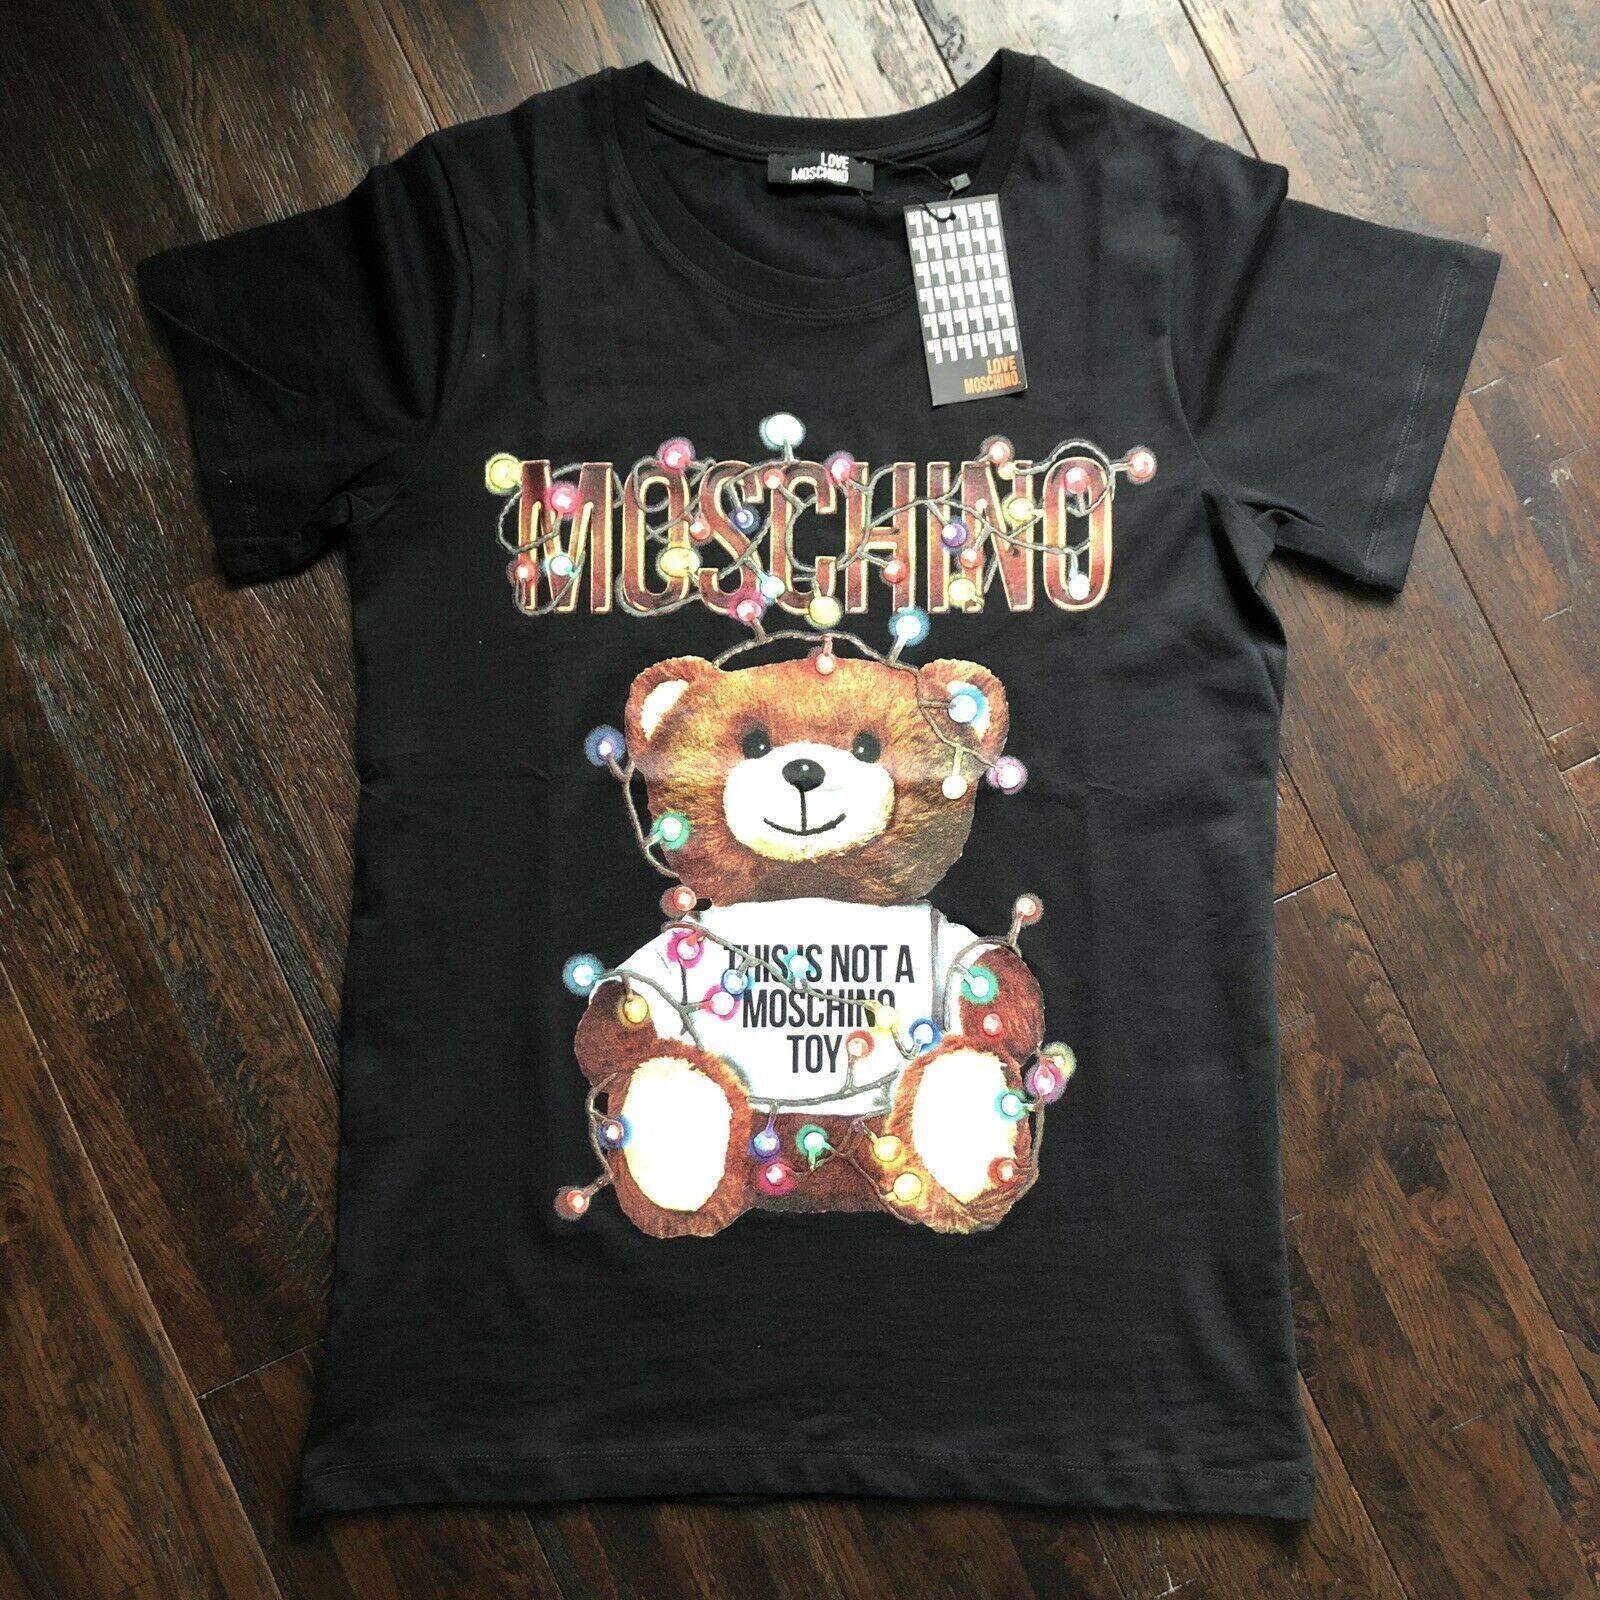 Authentic Love Moschino Women White T Shirt Size L Moschino Moschino Authentic Love Moschino Women White T Shirt Moschino T Shirt T Shirts For Women